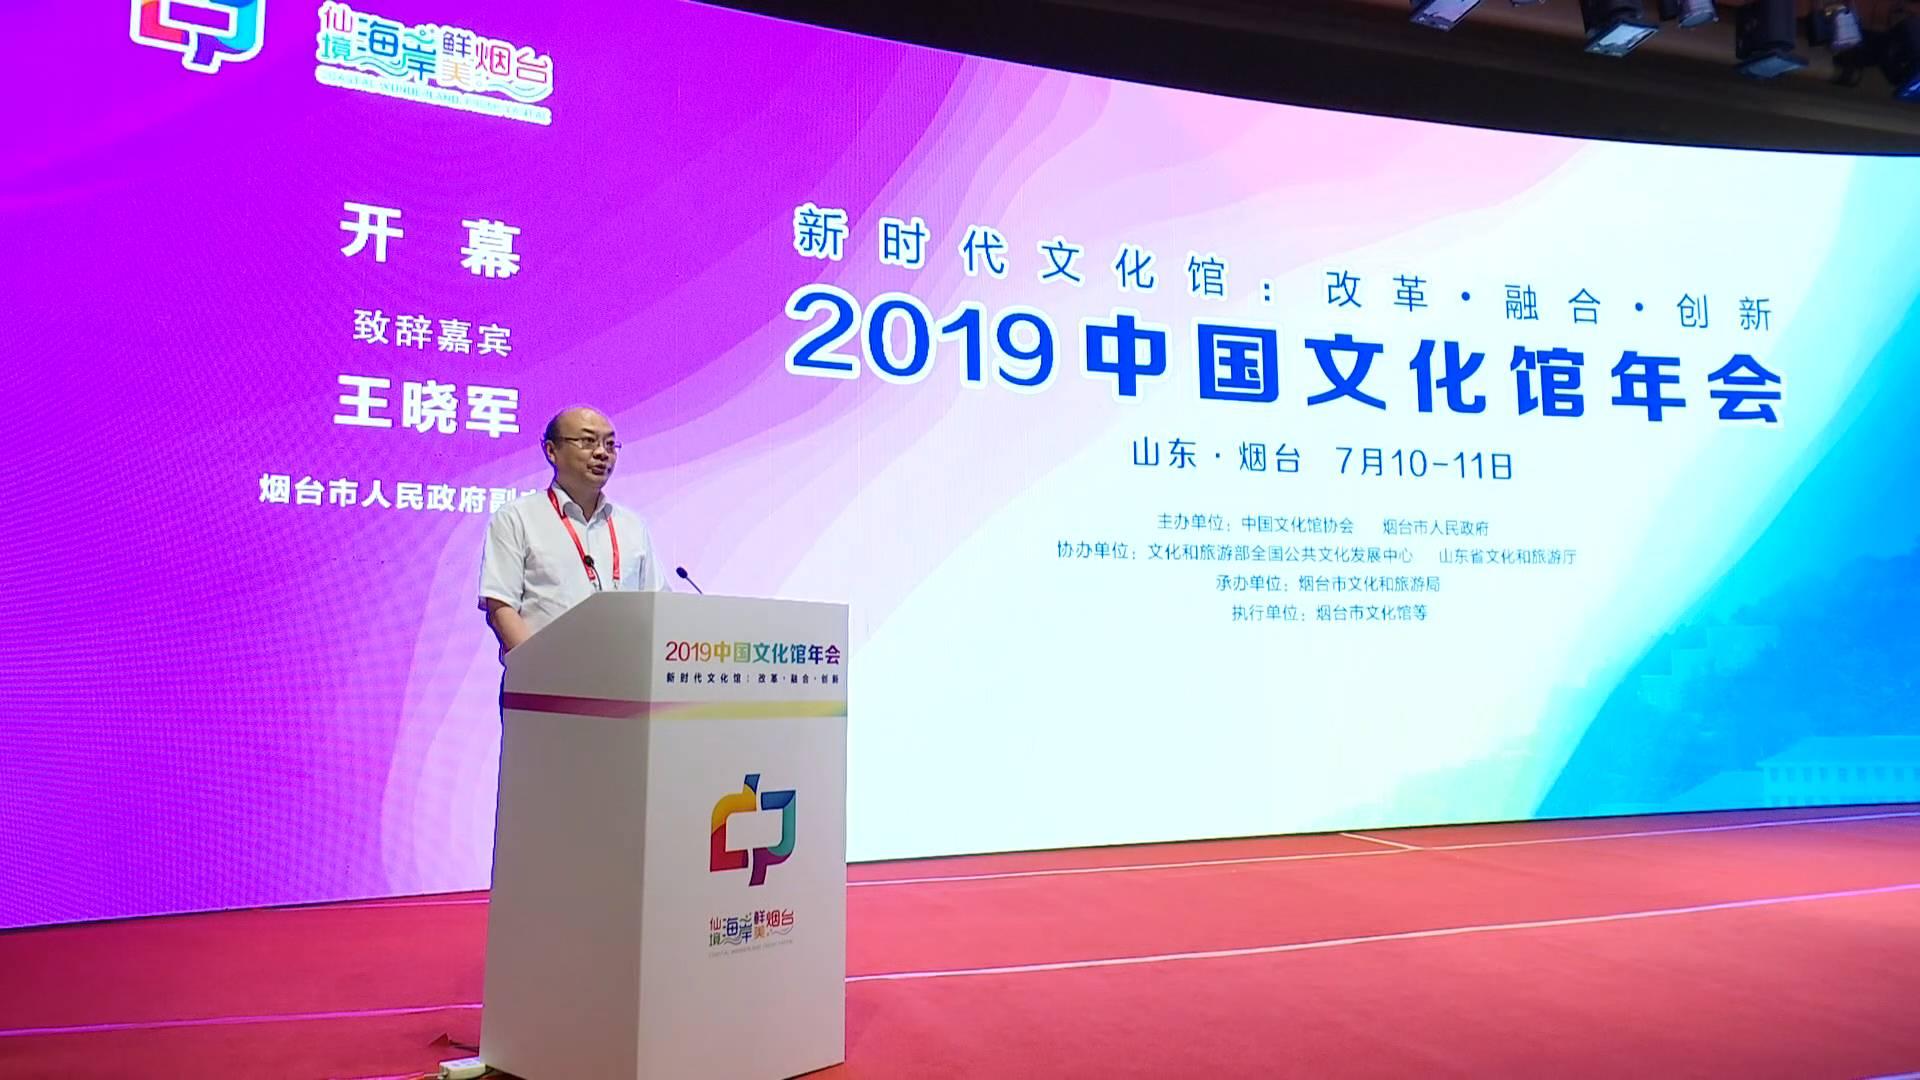 2019中国文化馆年会开幕 800余名代表齐聚烟台